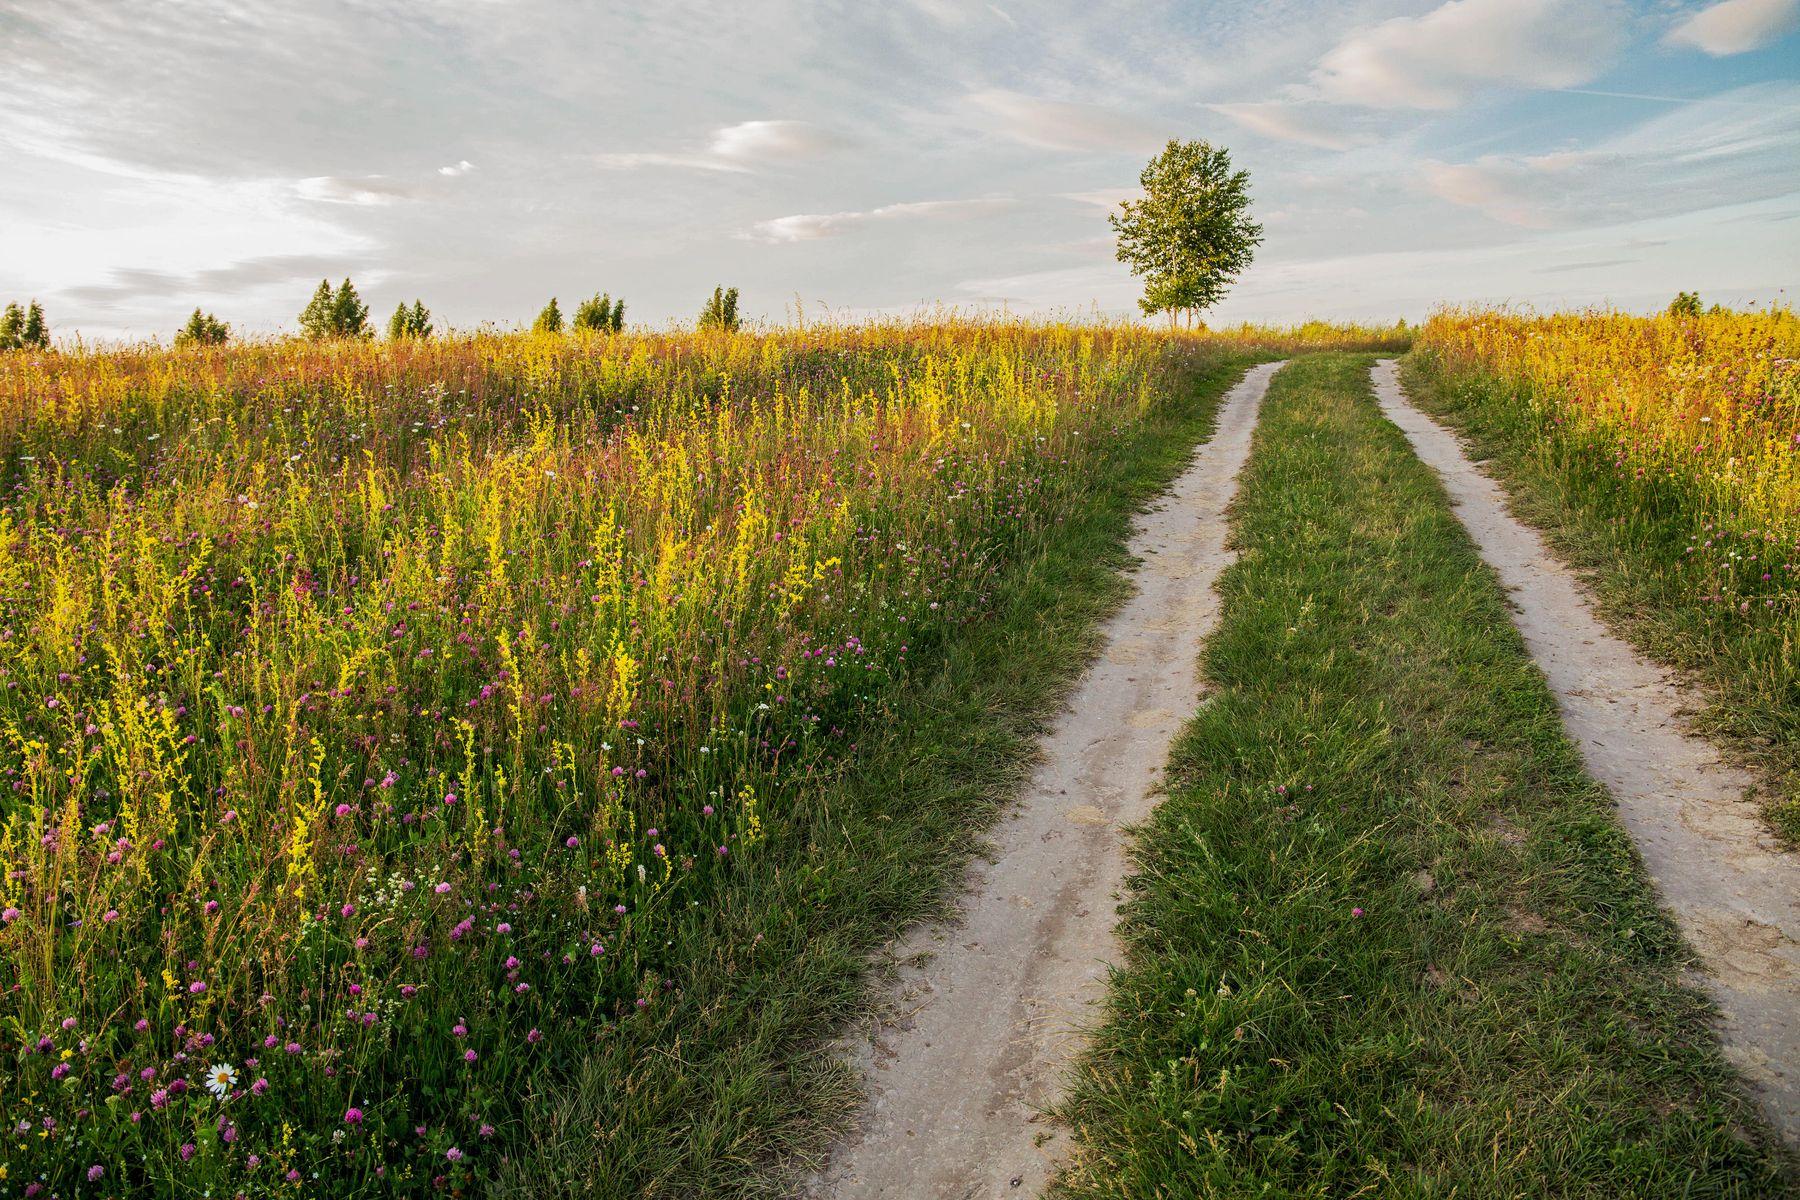 Дорога природа пейзаж лето.дорога дерево татарстан дубровка